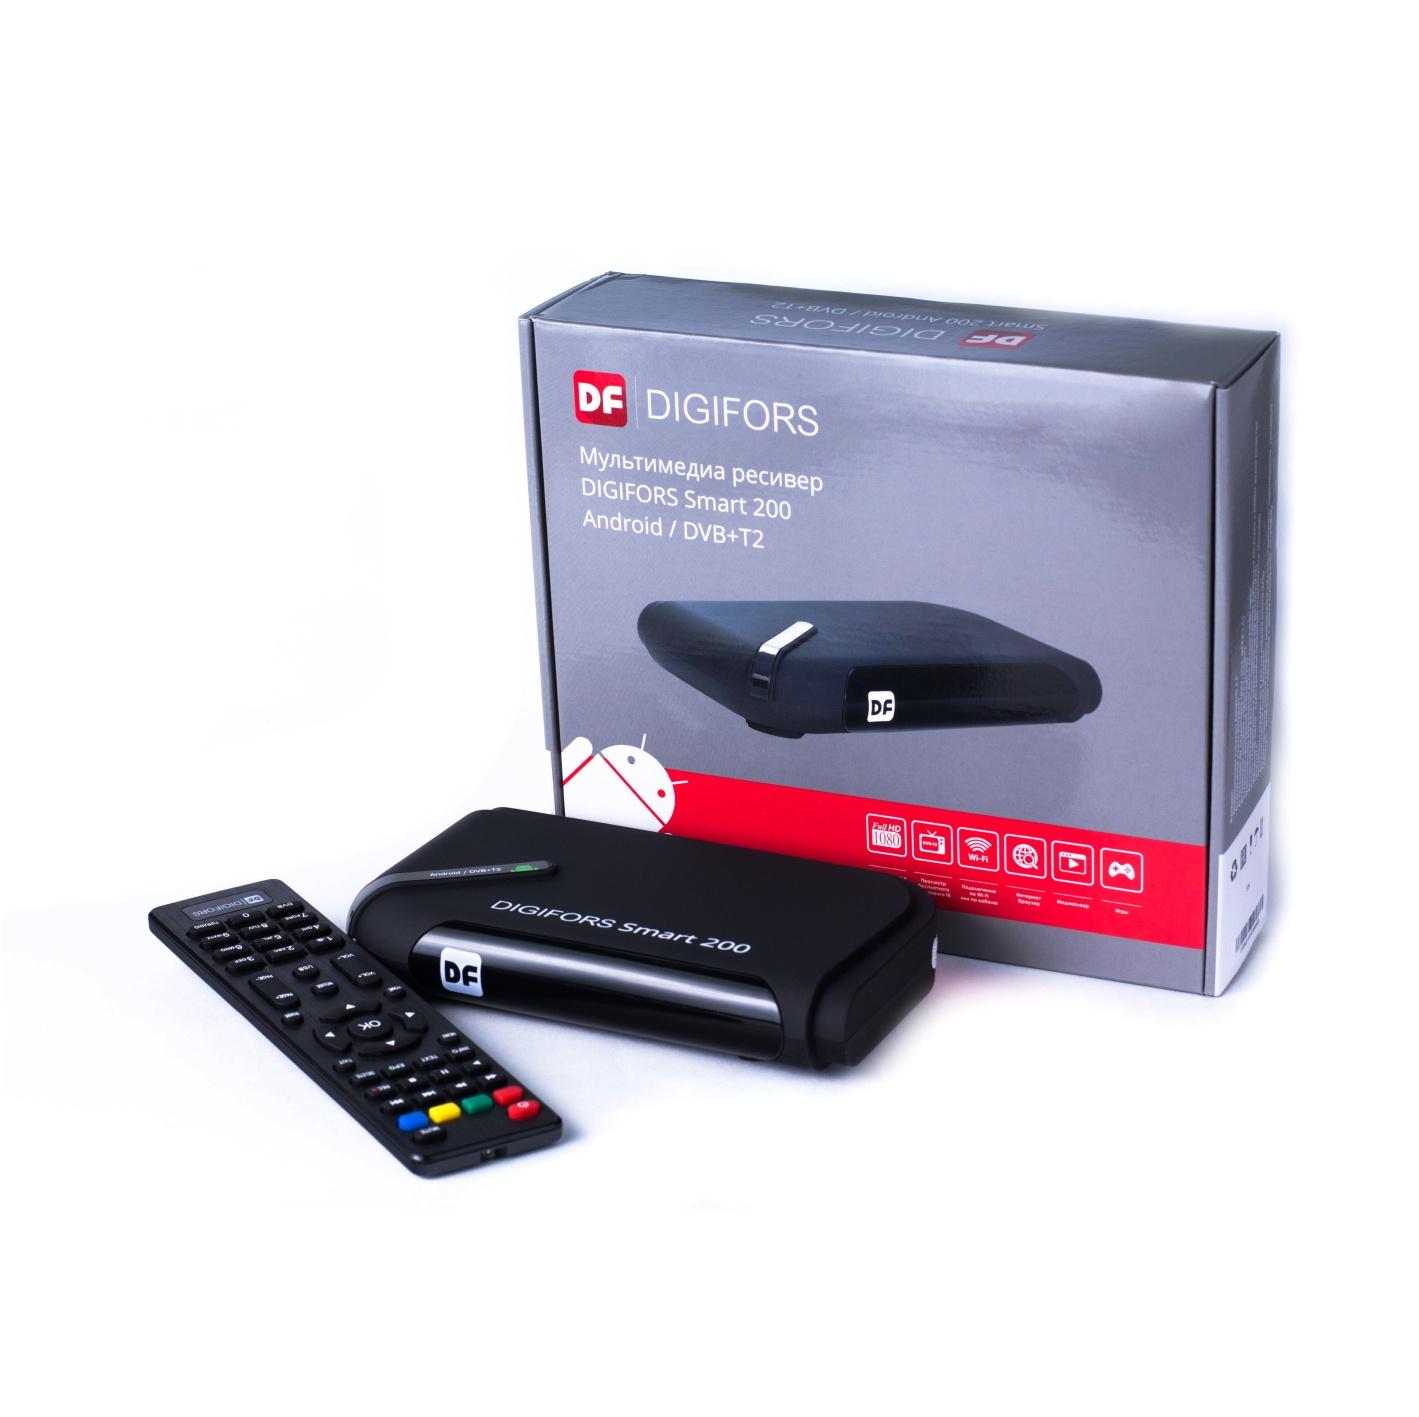 Мультимедиа ресивер DIGIFORS SMART 200 Android + DVB-Т2